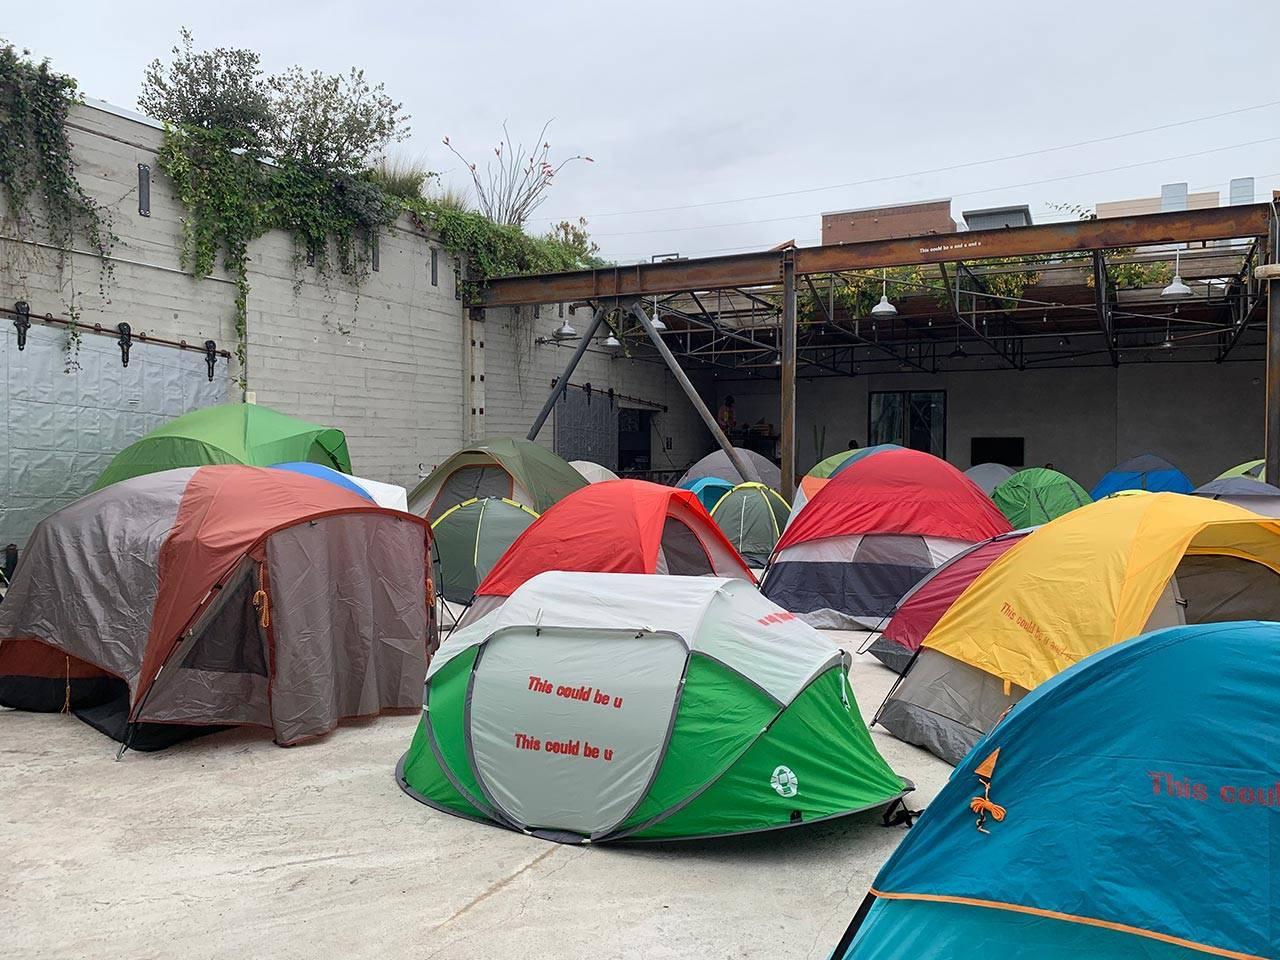 דיוויד האמונס, גלריית האוזר אנד ווירת׳, לוס אנג׳לס